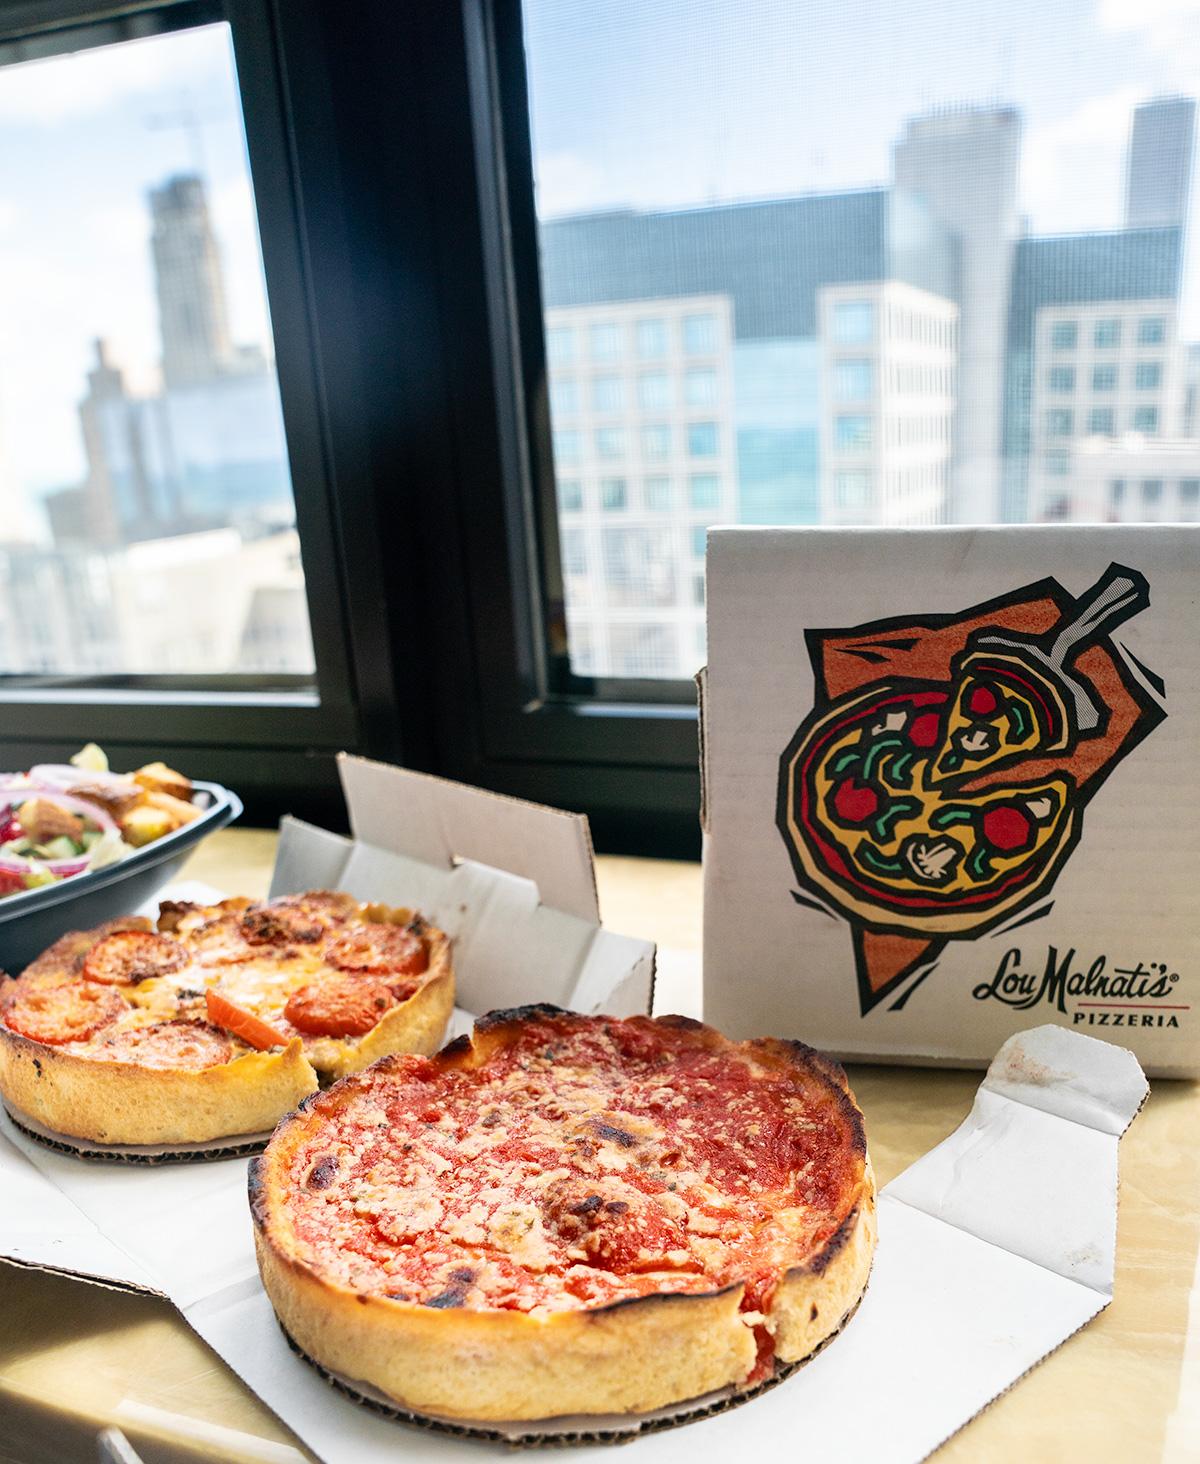 Lou-Malnatis-Pizzeria-Chicago